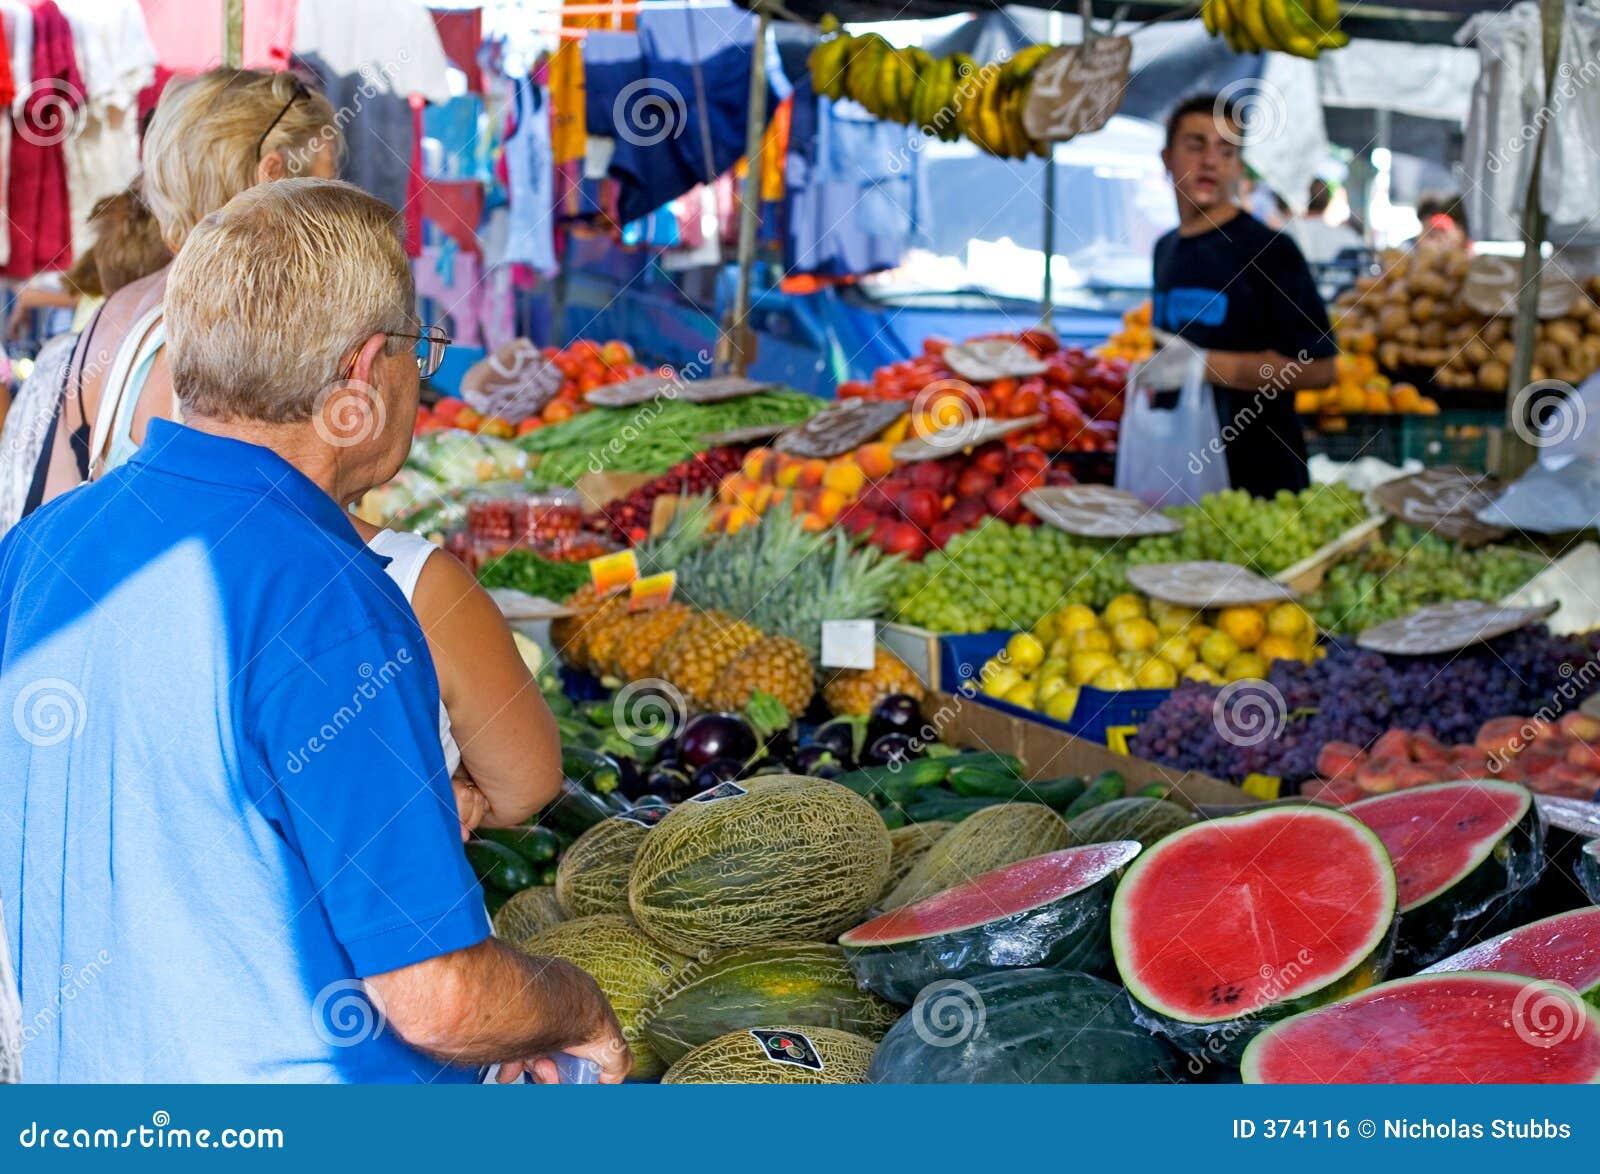 Leuteeinkaufen für Obst und Gemüse in einem spanischen Markt